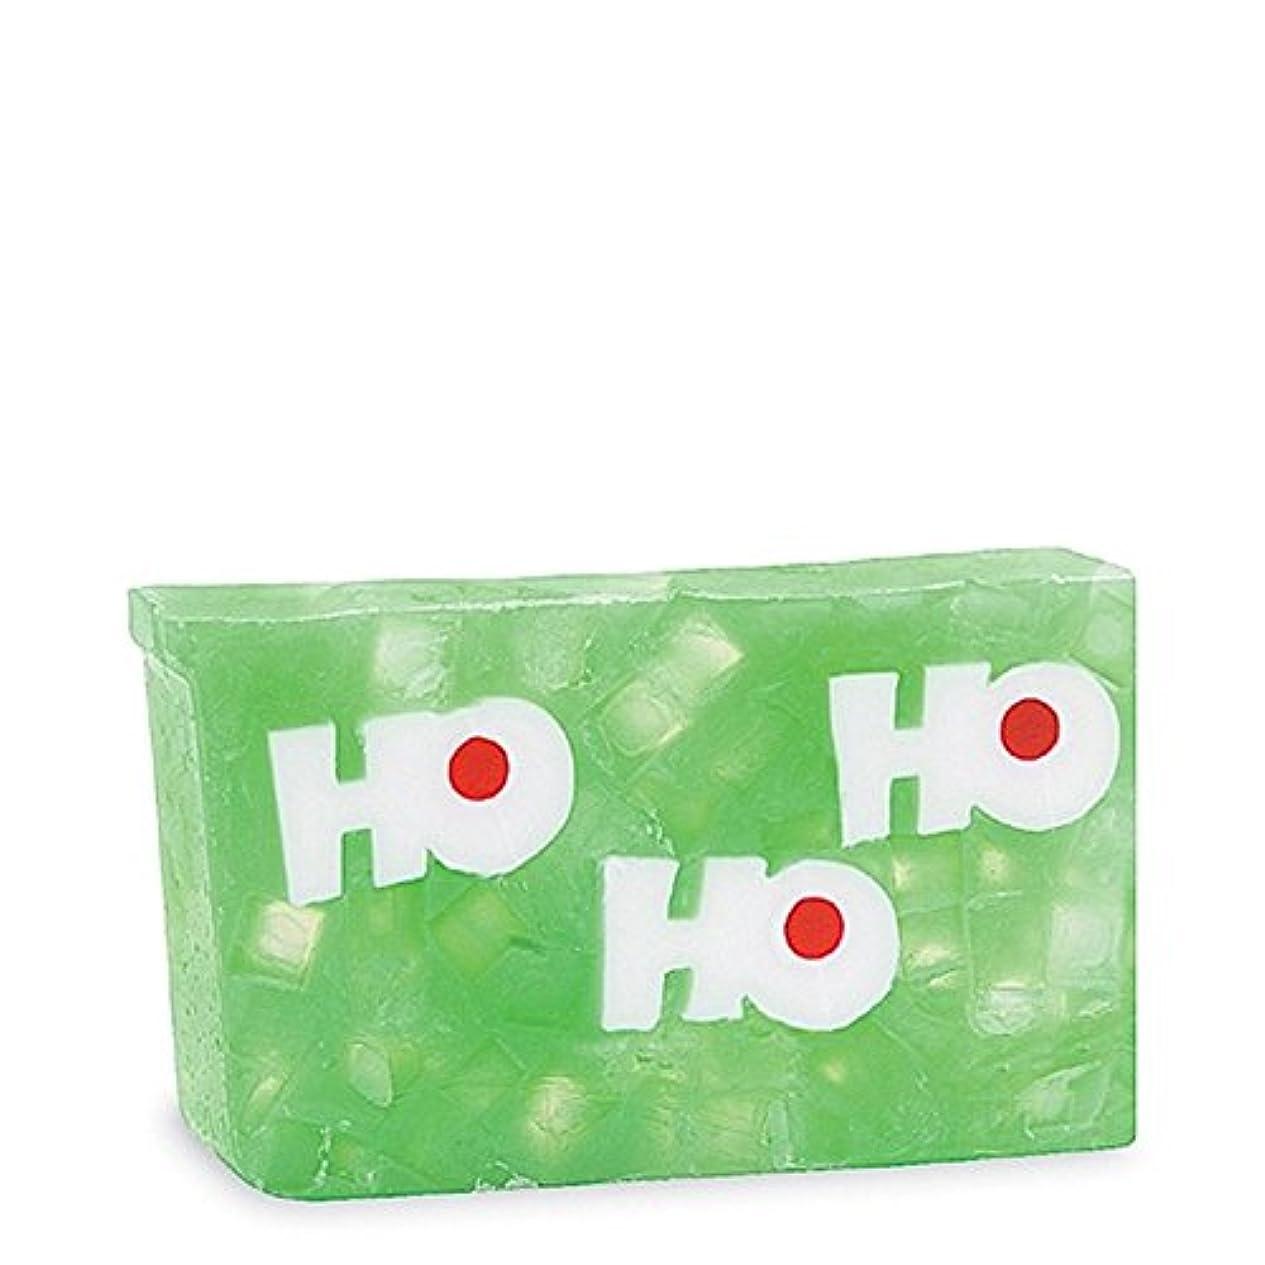 シュリンク四考案する原初の要素ホーホーホ石鹸 x2 - Primal Elements Ho Ho Ho Soap (Pack of 2) [並行輸入品]